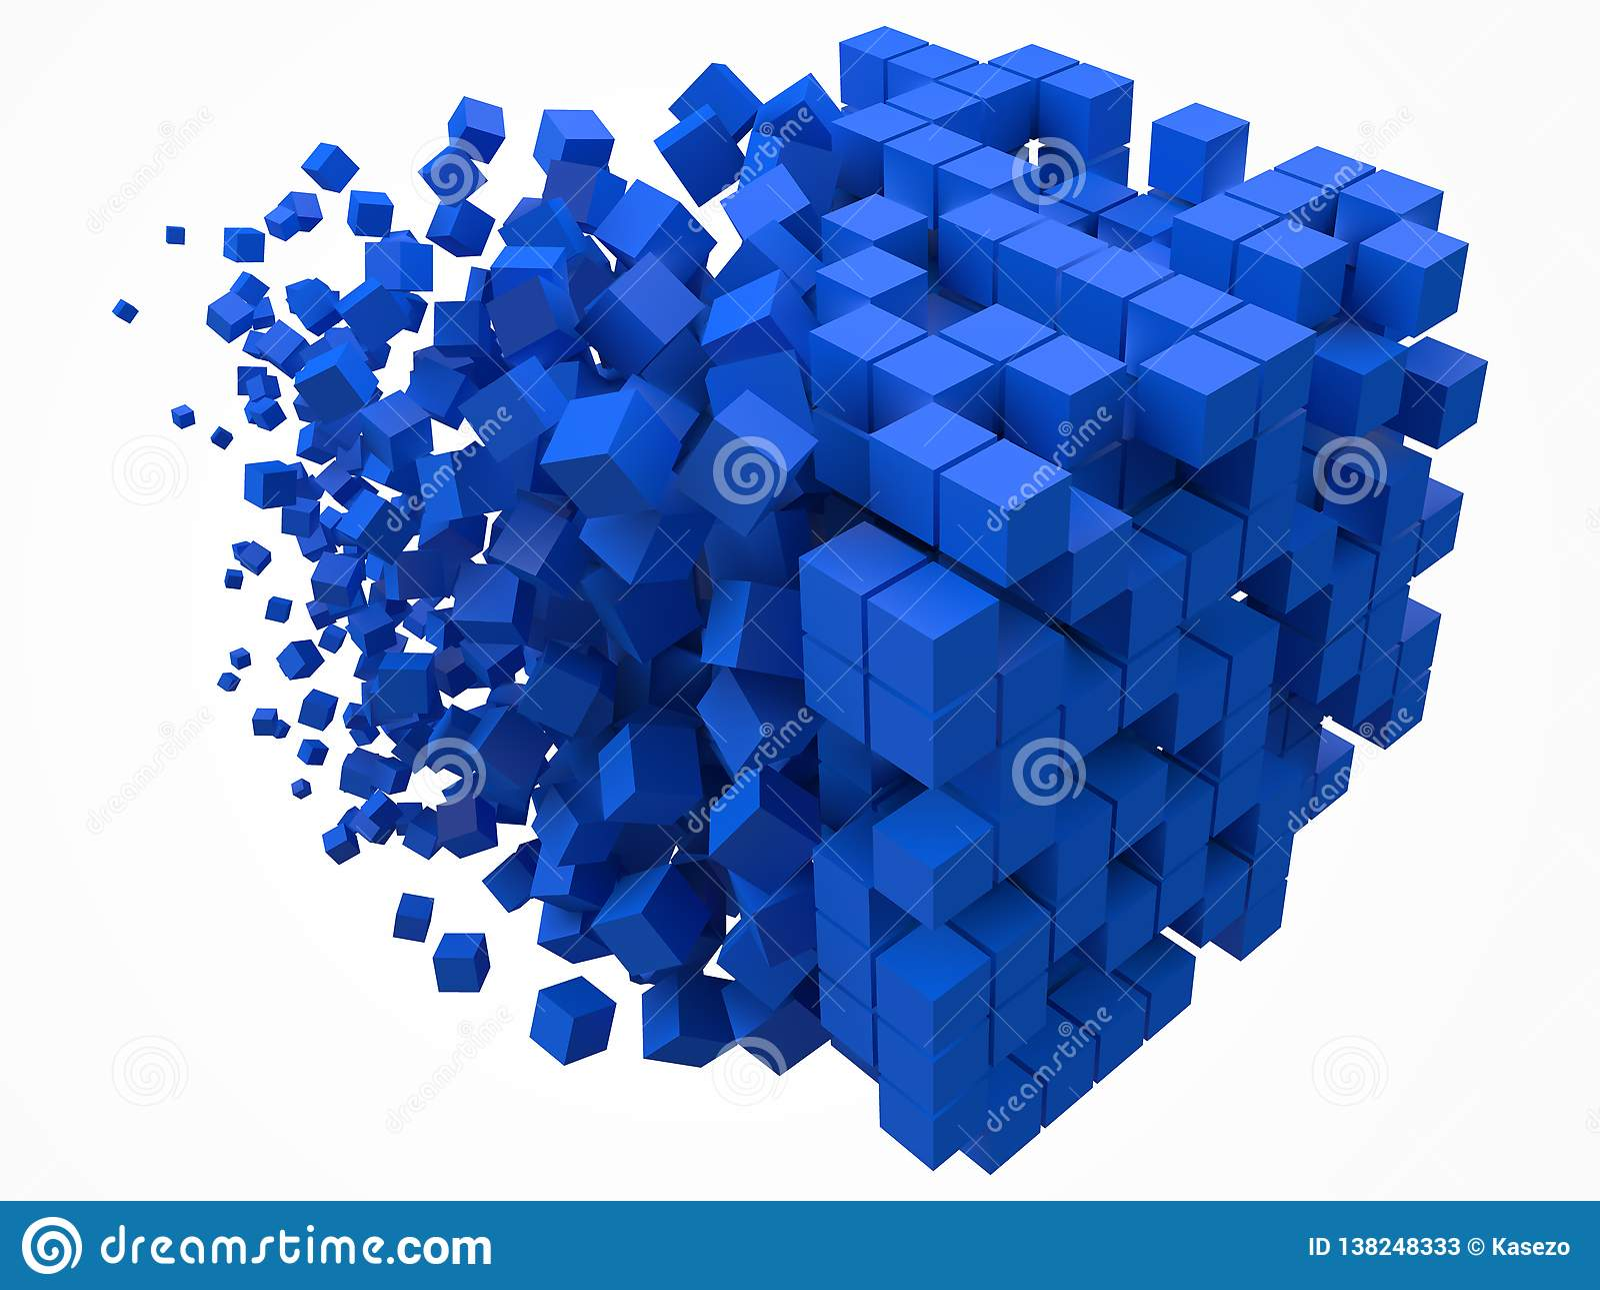 Stort kubikdatakvarter gjort med mindre blåa kuber för stilvektor för PIXEL 3d illustration